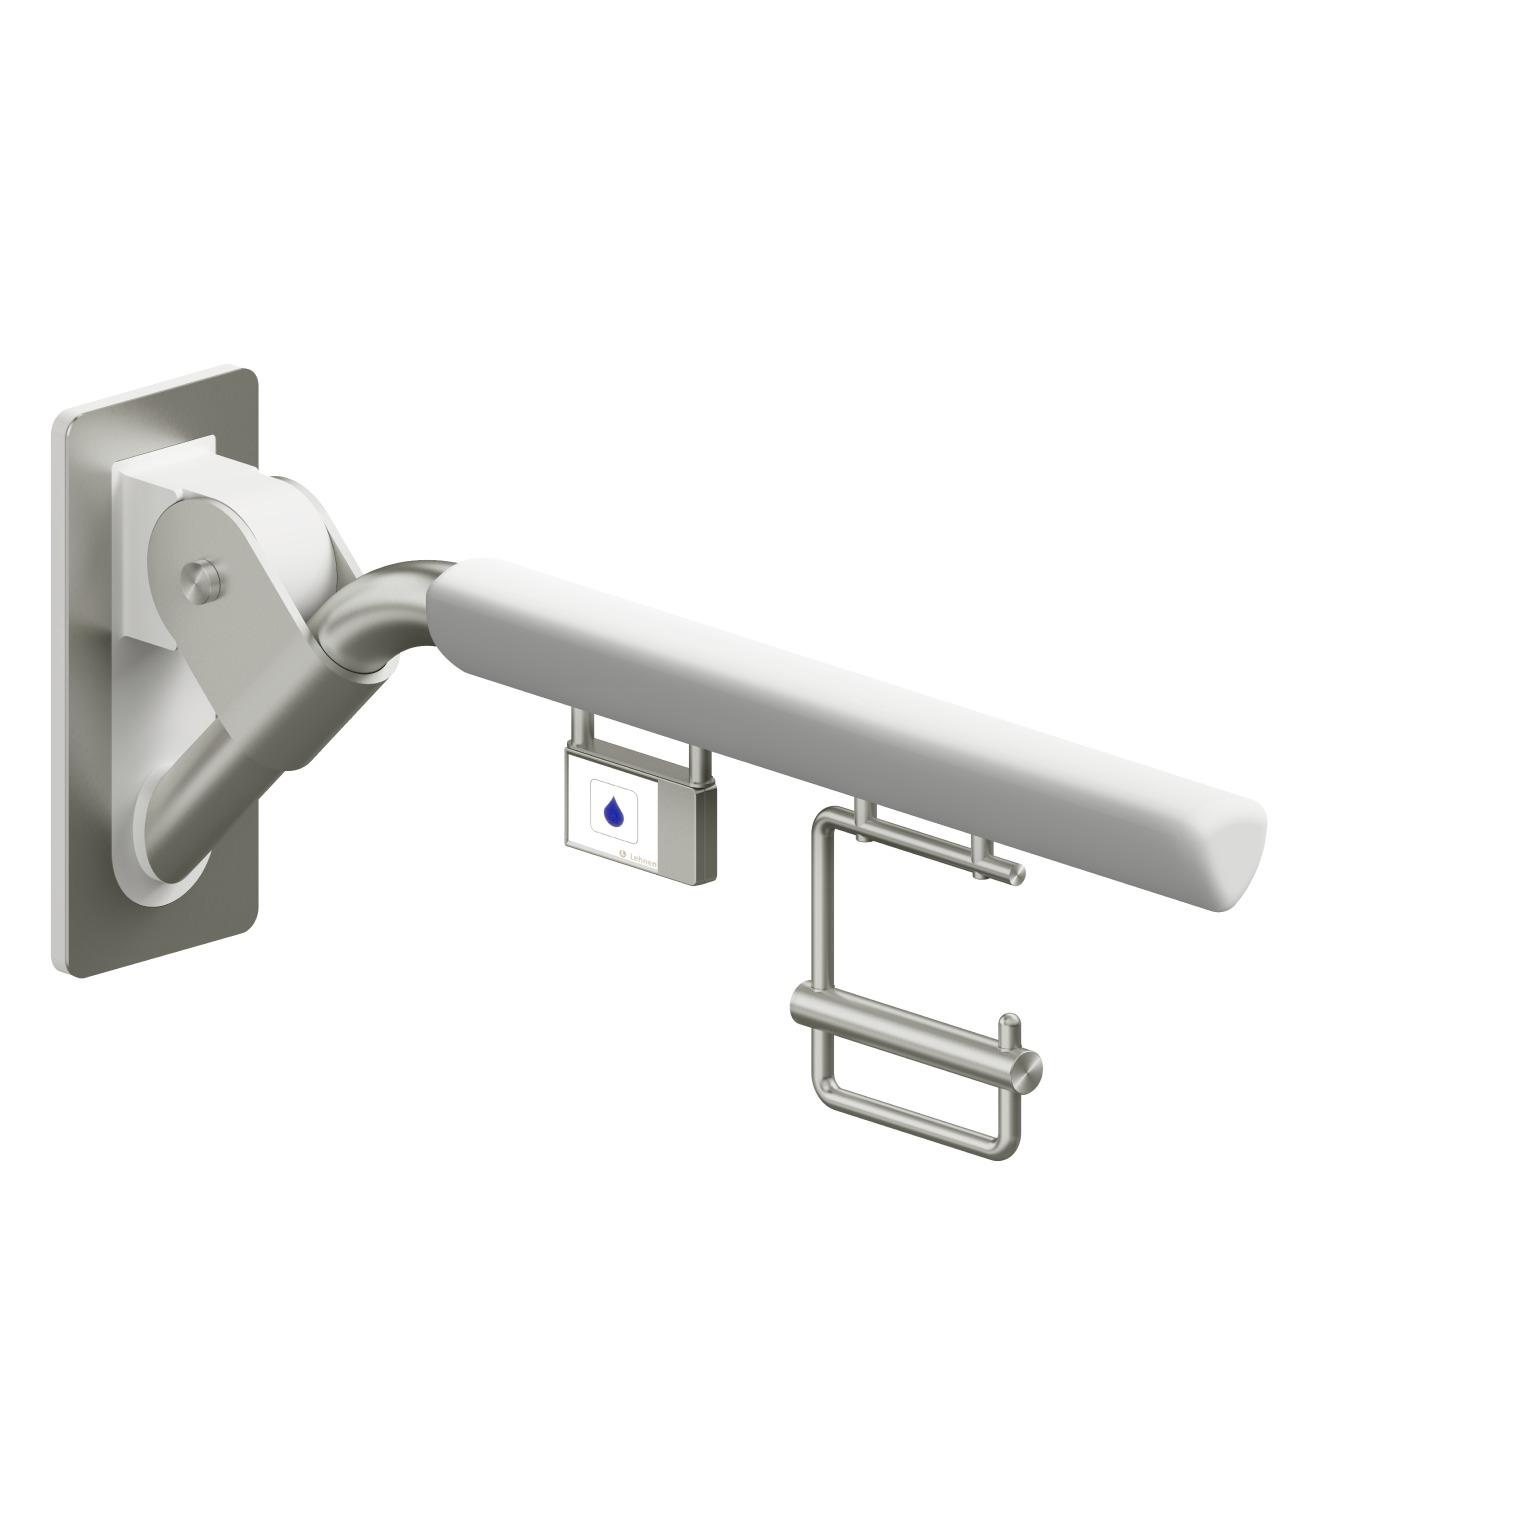 Foto - Klappgriff reinweiß gepolstert mit Funkauslöser und Papierrollenhalter, Ausladung 700 mm - Artikel L30447101 - Serie Evolution von Lehnen